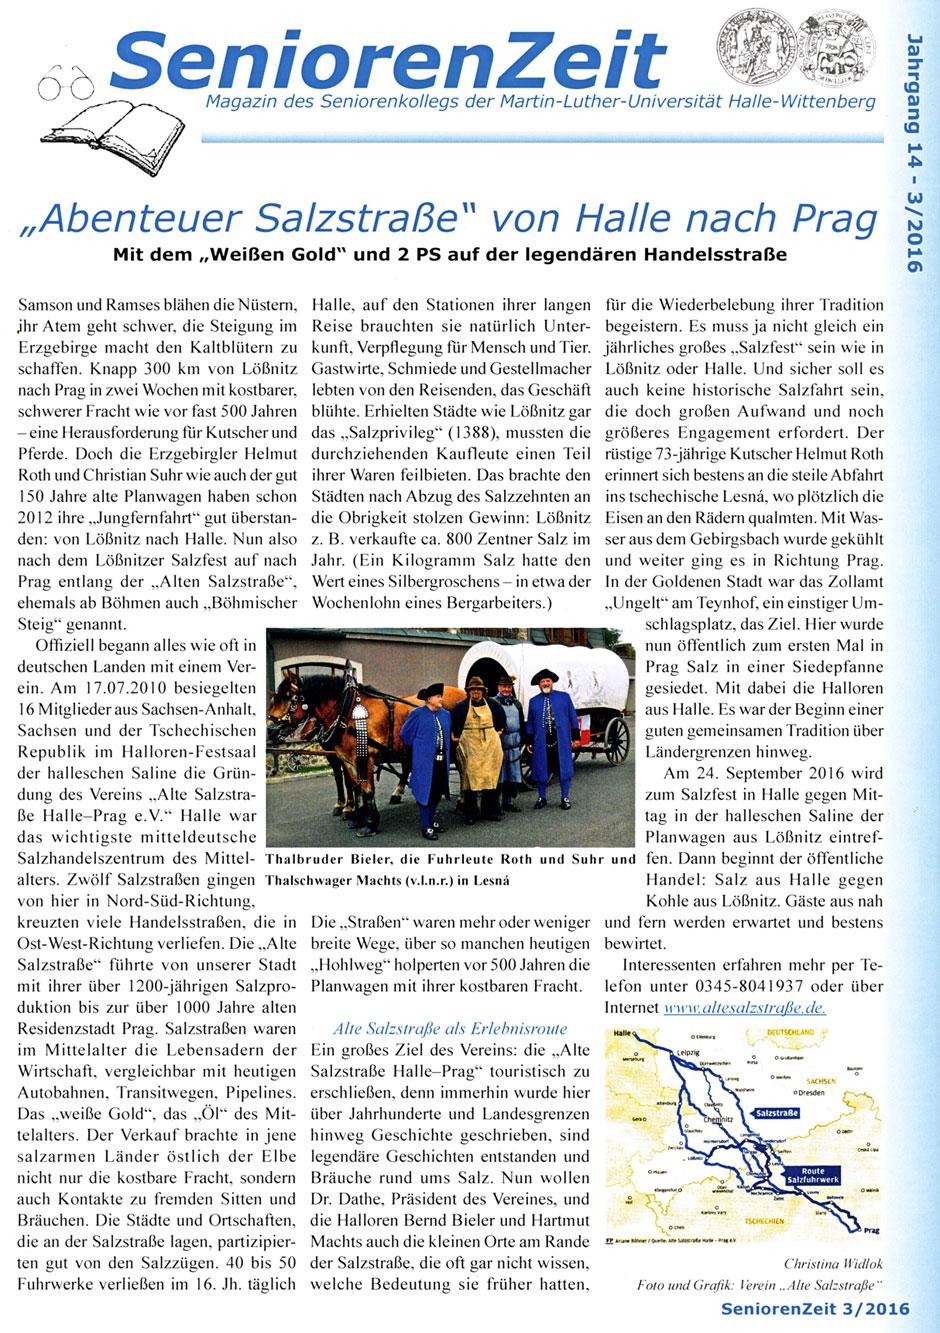 Quelle: SeniorenZeit, Magazin des Seniorenkollegs der Martin-Luther-Universität Halle-Wittenberg, Ausgabe 3/2016